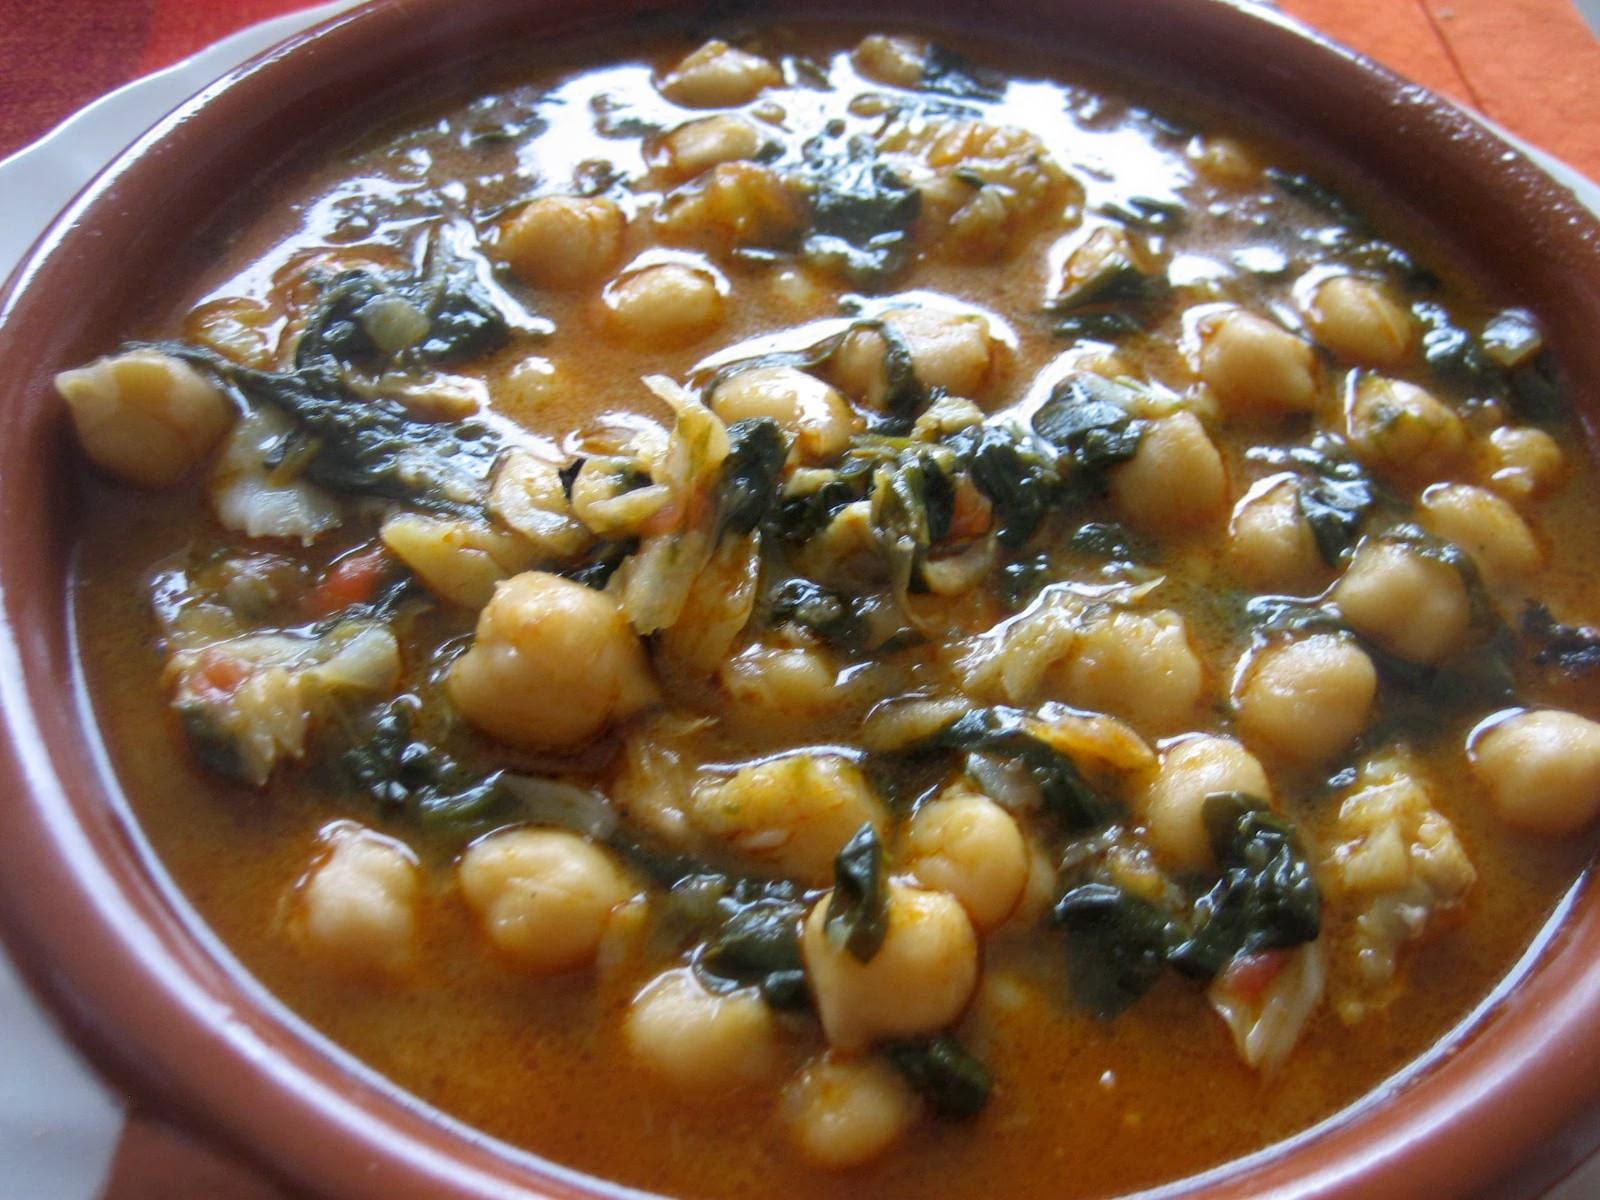 Potaje de garbanzos con bacalao 3 variedades deliciosas - Garbanzos espinacas bacalao ...